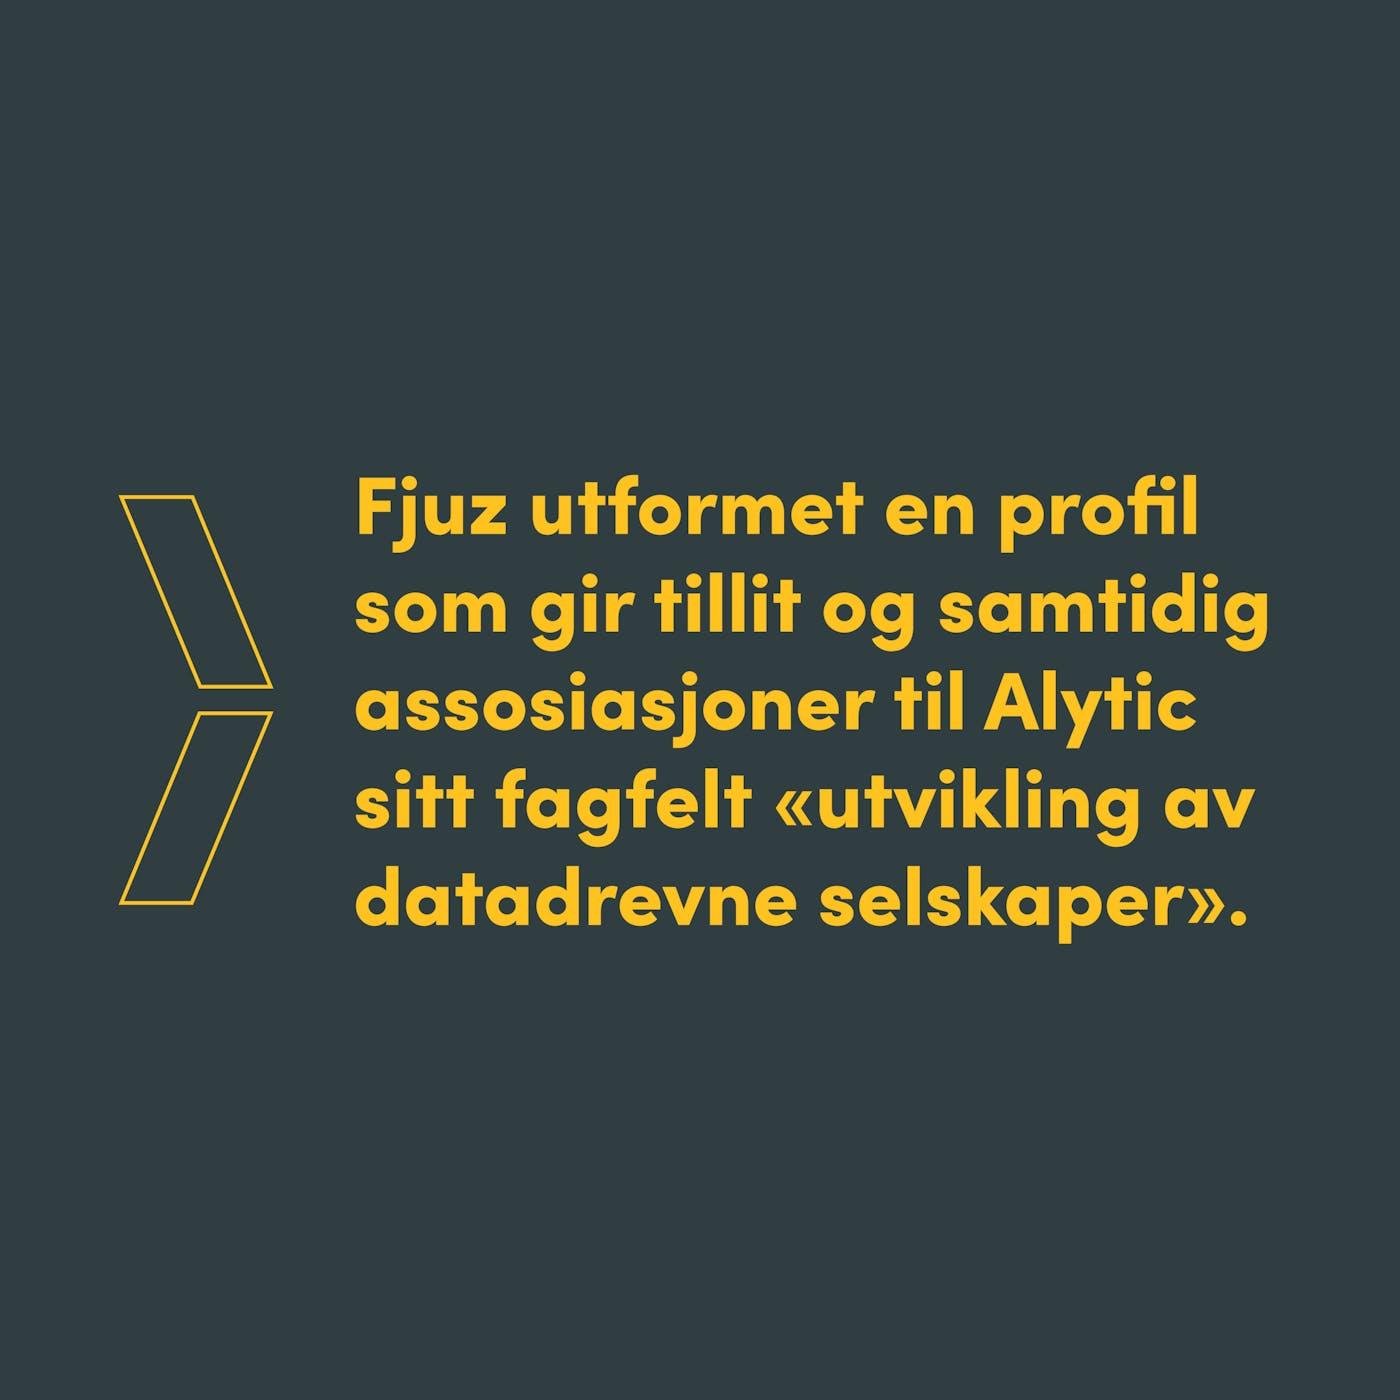 Face og Insta ALYTIC 1080x10809